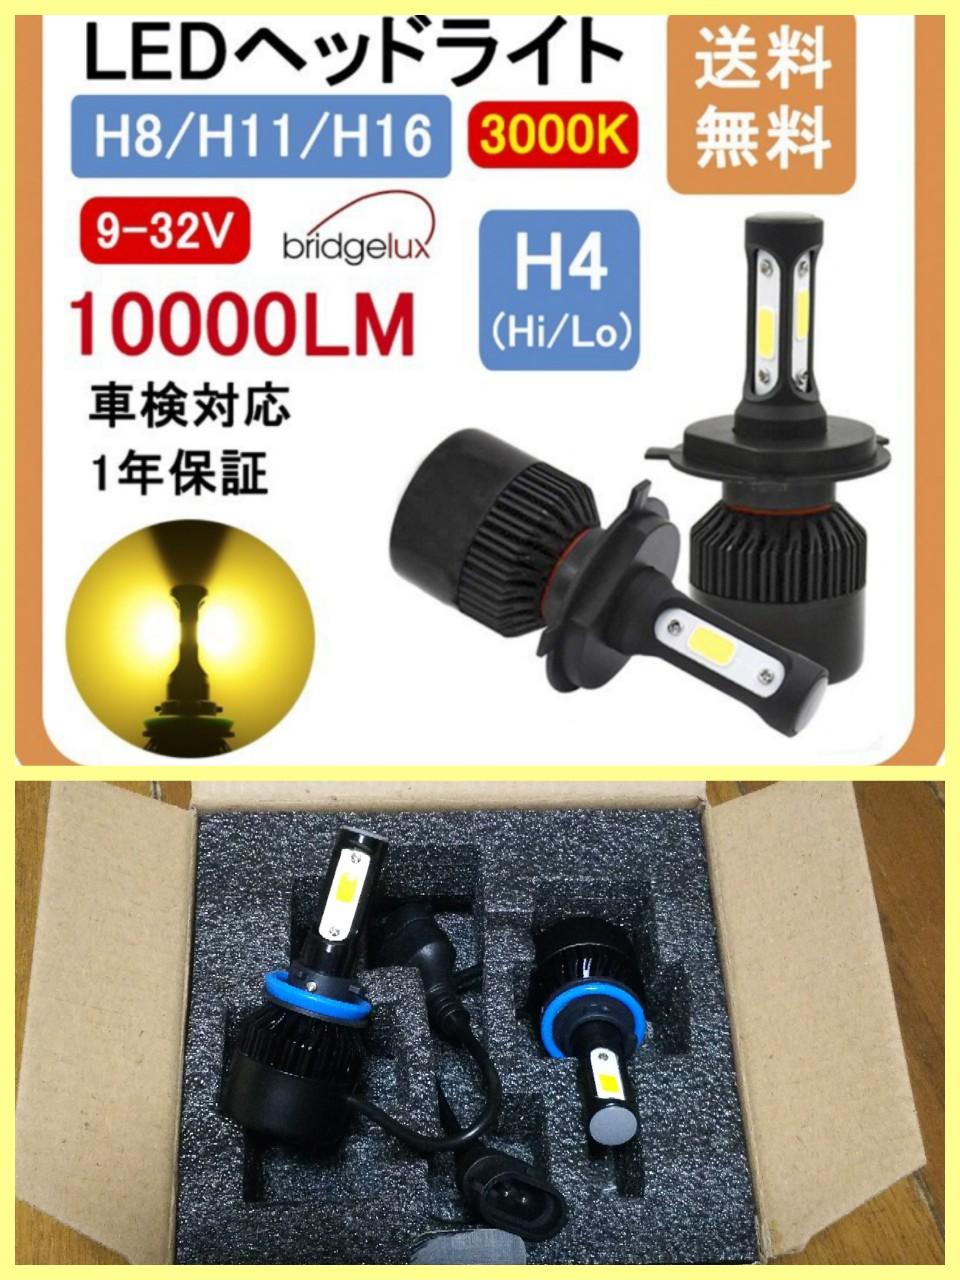 不明/ フォグランプ H8/H11/H16 アンバー イエロー 80W 10000LM 12V/24V兼用 一体型 COBチップ 2個セット 1年保証 送料無料